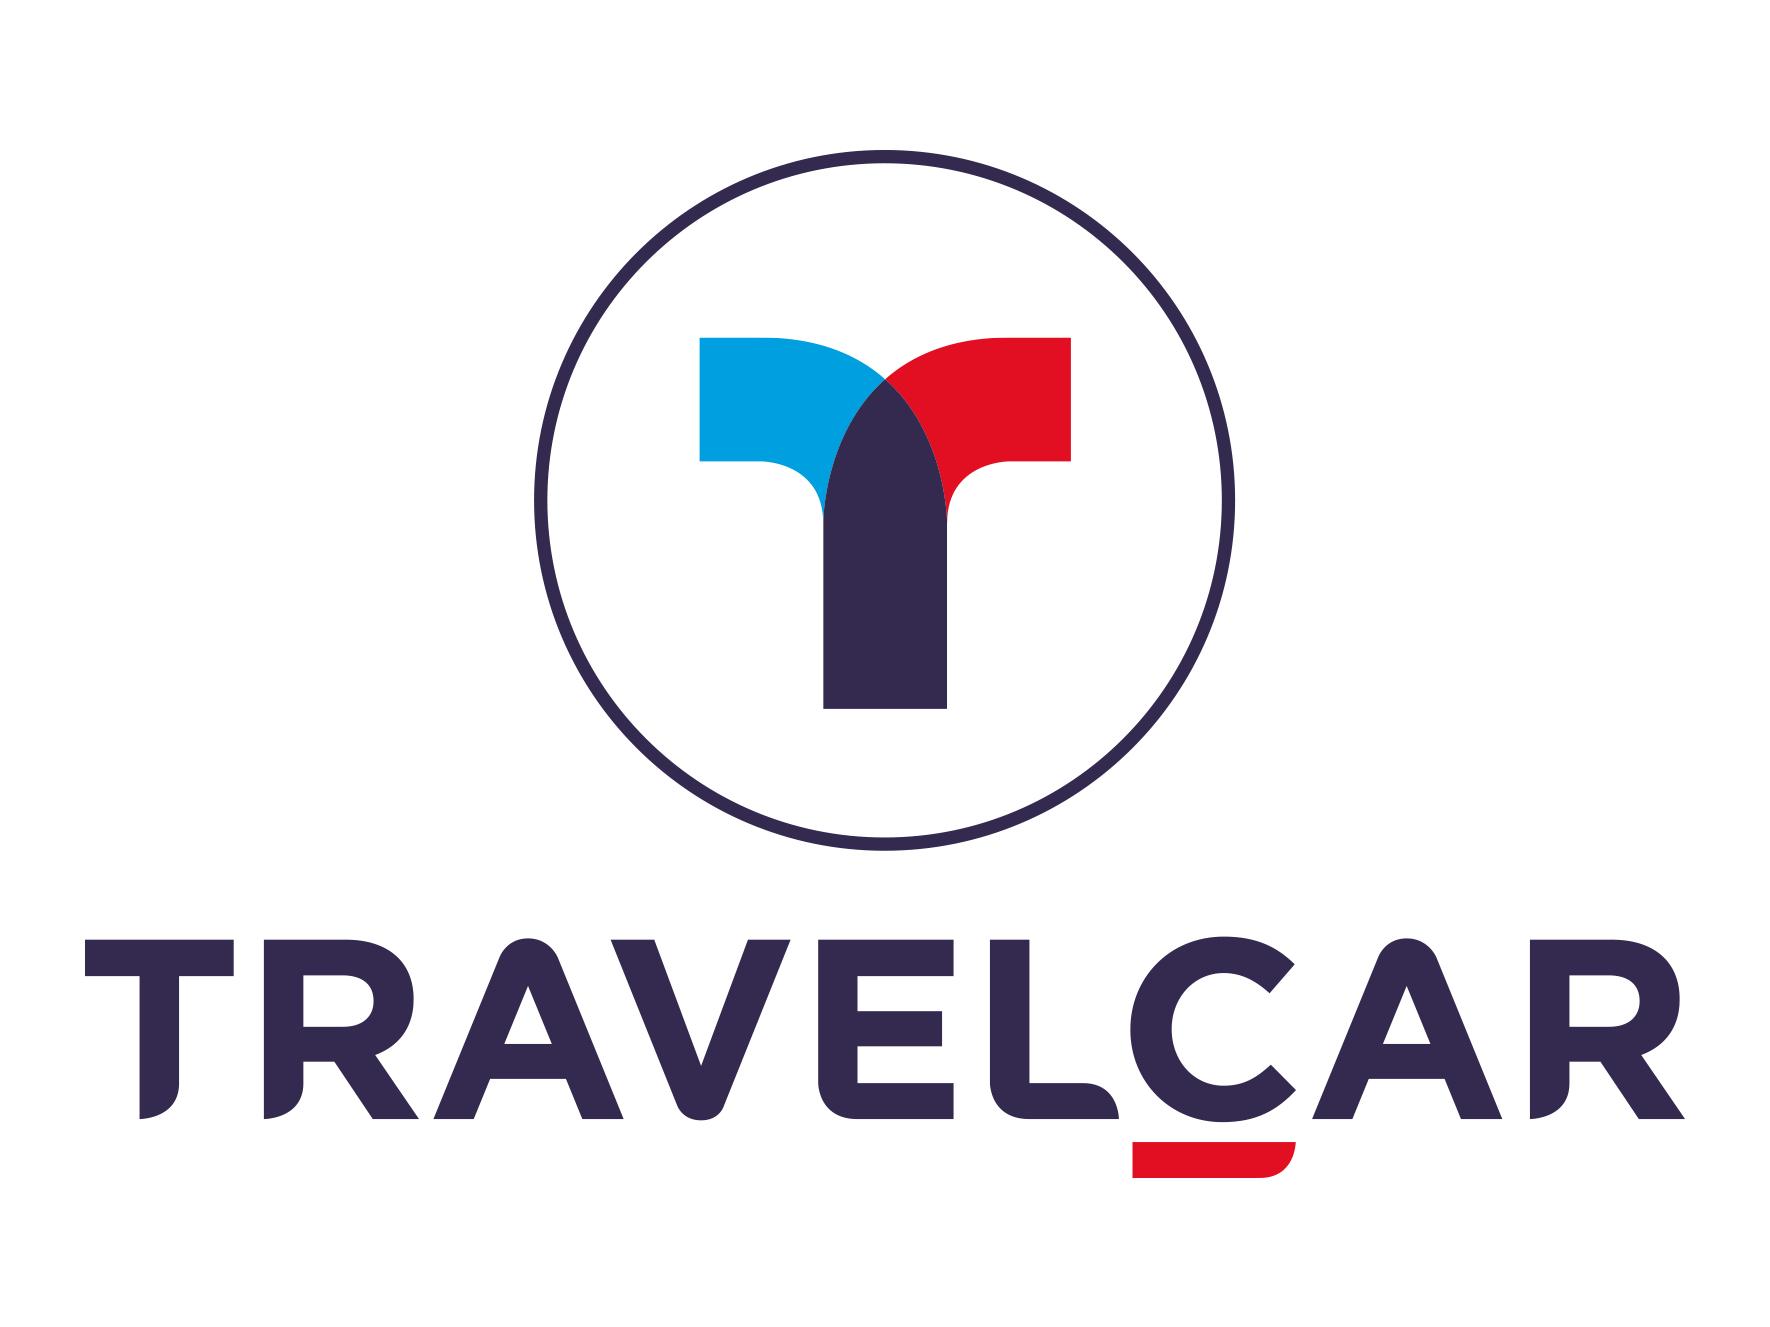 Jusqu'à 40% de remise sur les parkings d'aéroports et gares de France (TravelCar)